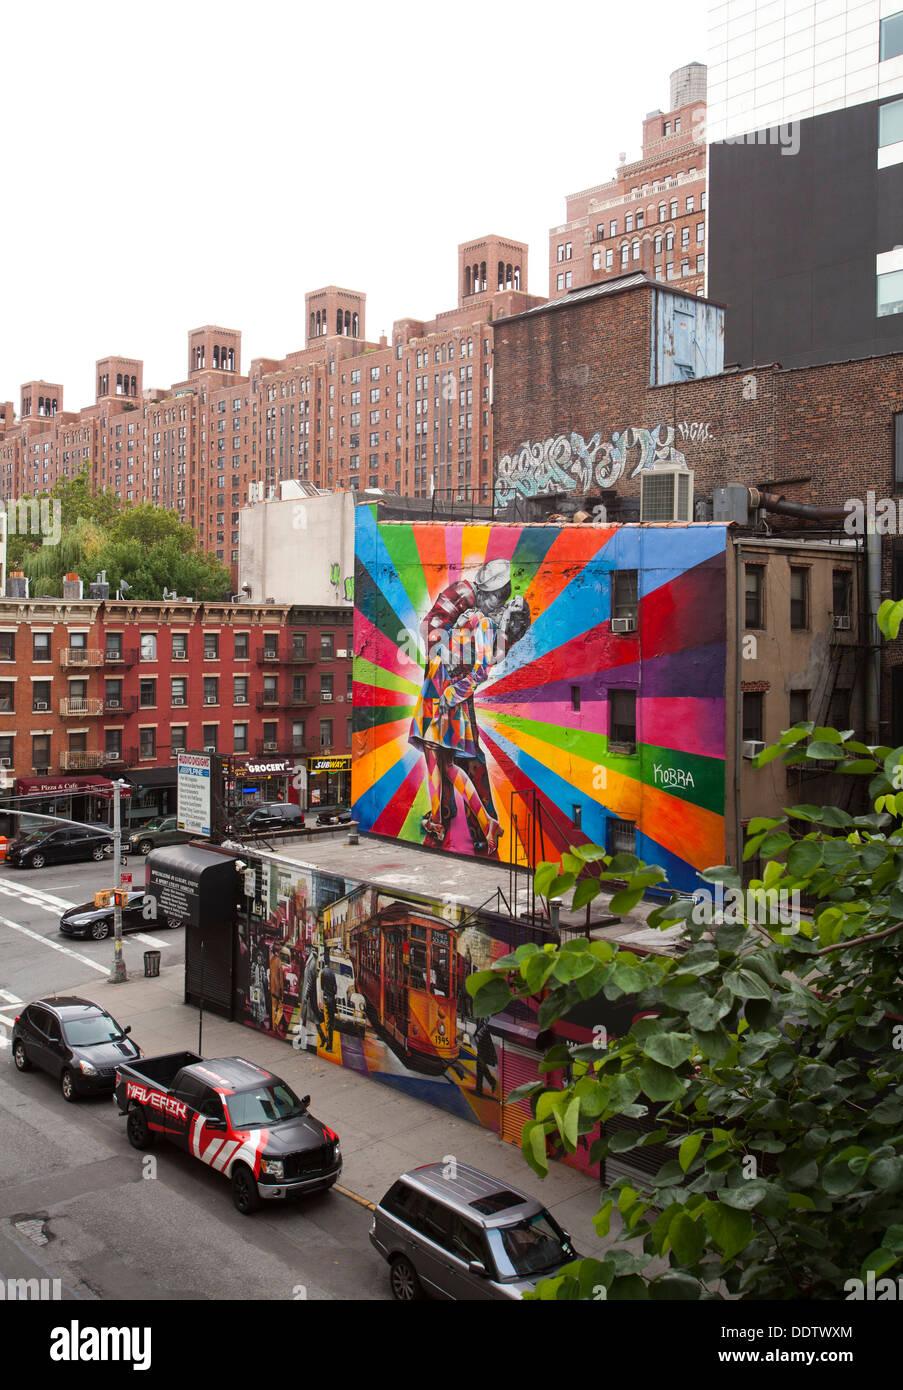 Conoce la última información sobre inmigración, coronavirus, política y todas las noticias relacionadas con nueva york, videos. Street Art Mural Seen From The High Line New York United States Of America Stock Photo Alamy